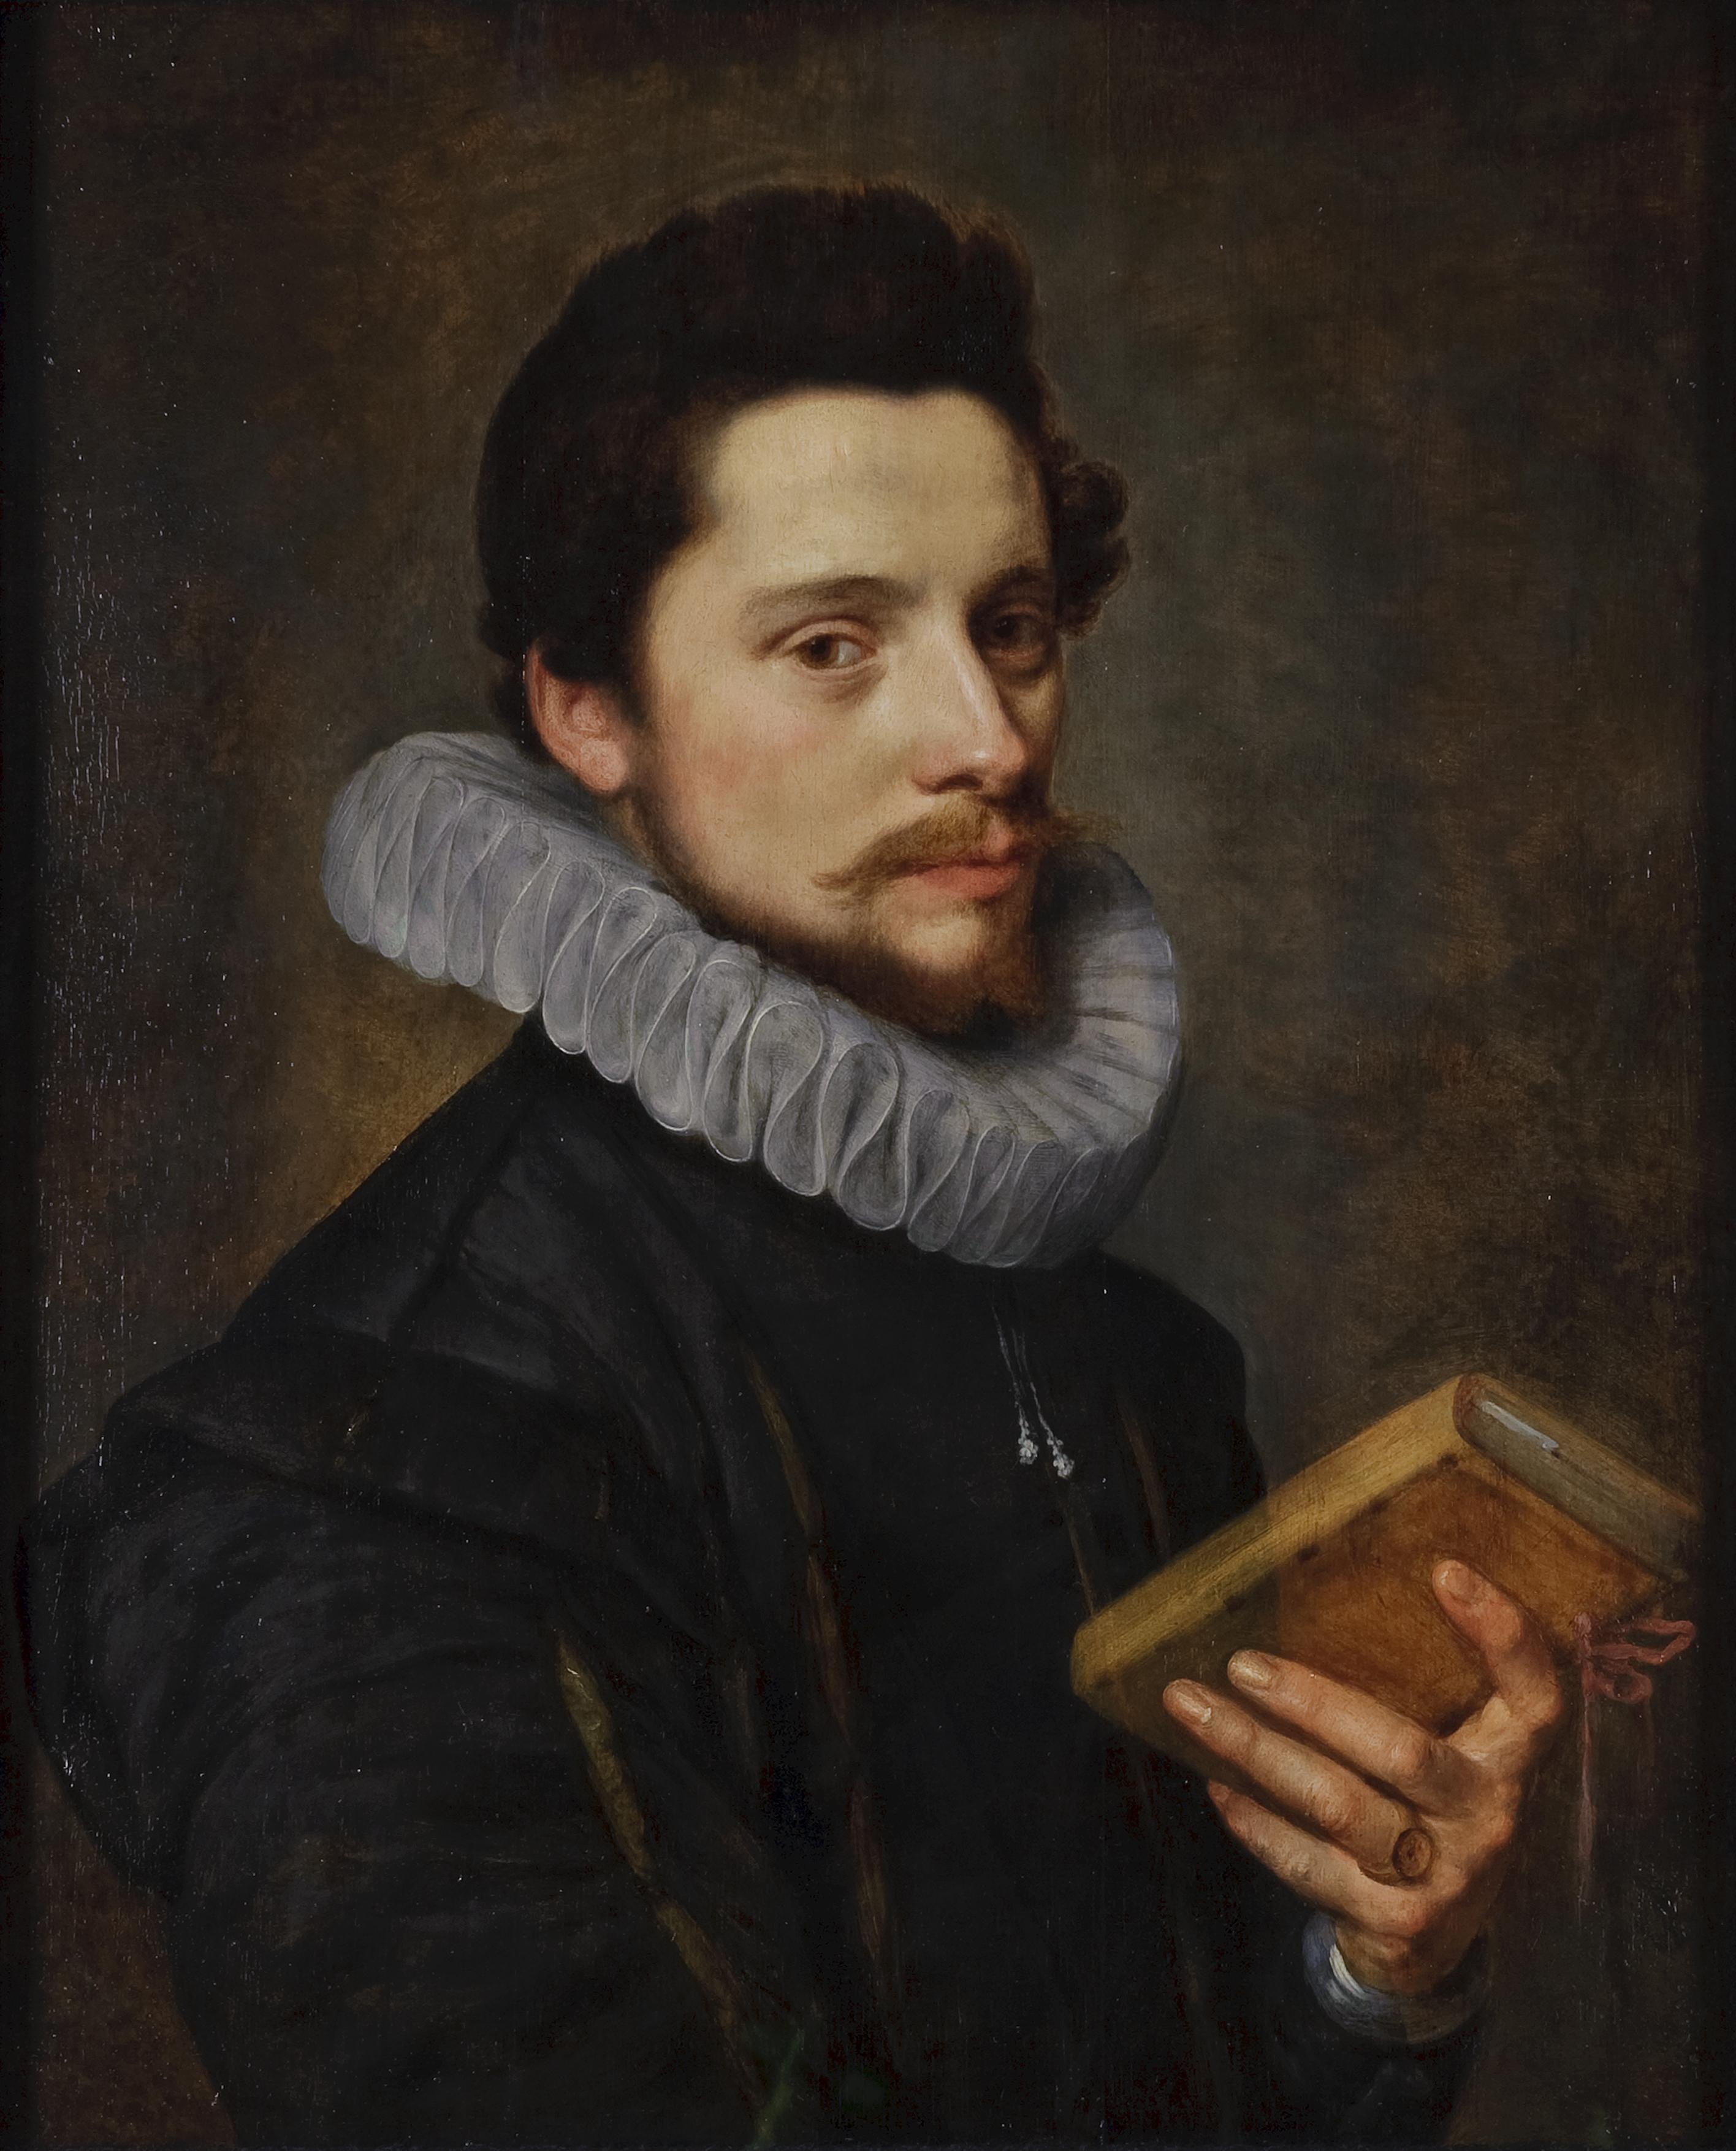 Hugo de Grote bolleboos